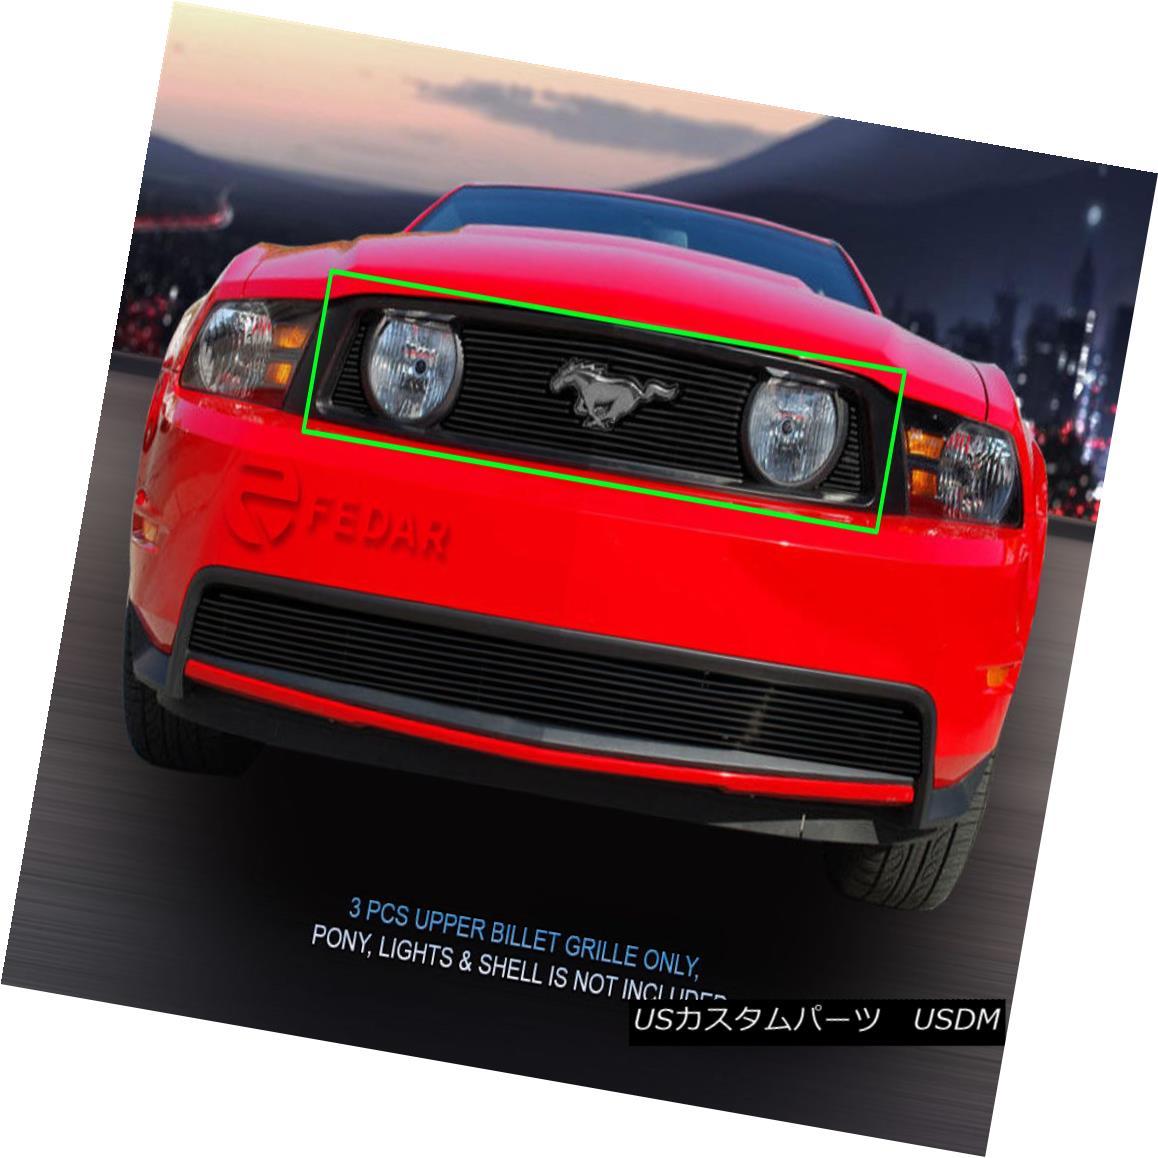 グリル Fedar Fits 2010-2012 Ford Mustang GT V8 Black Billet Grille Insert Fedarフィット2010-2012フォードマスタングGT V8ブラックビレットグリルインサート